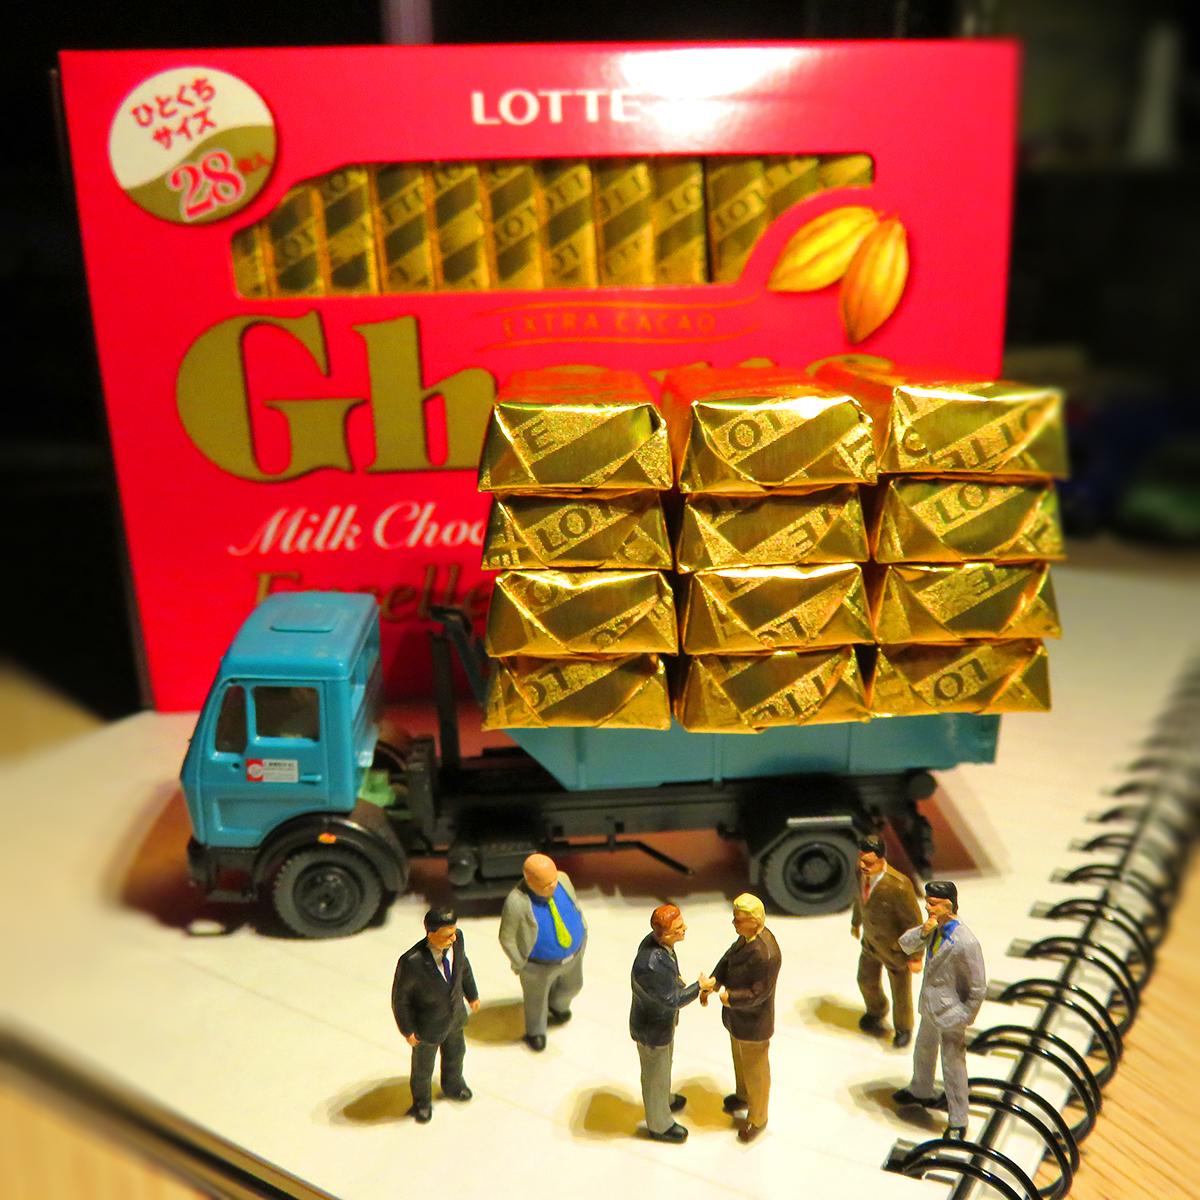 ロッテのガーナチョコレート金塊を取引する闇市場